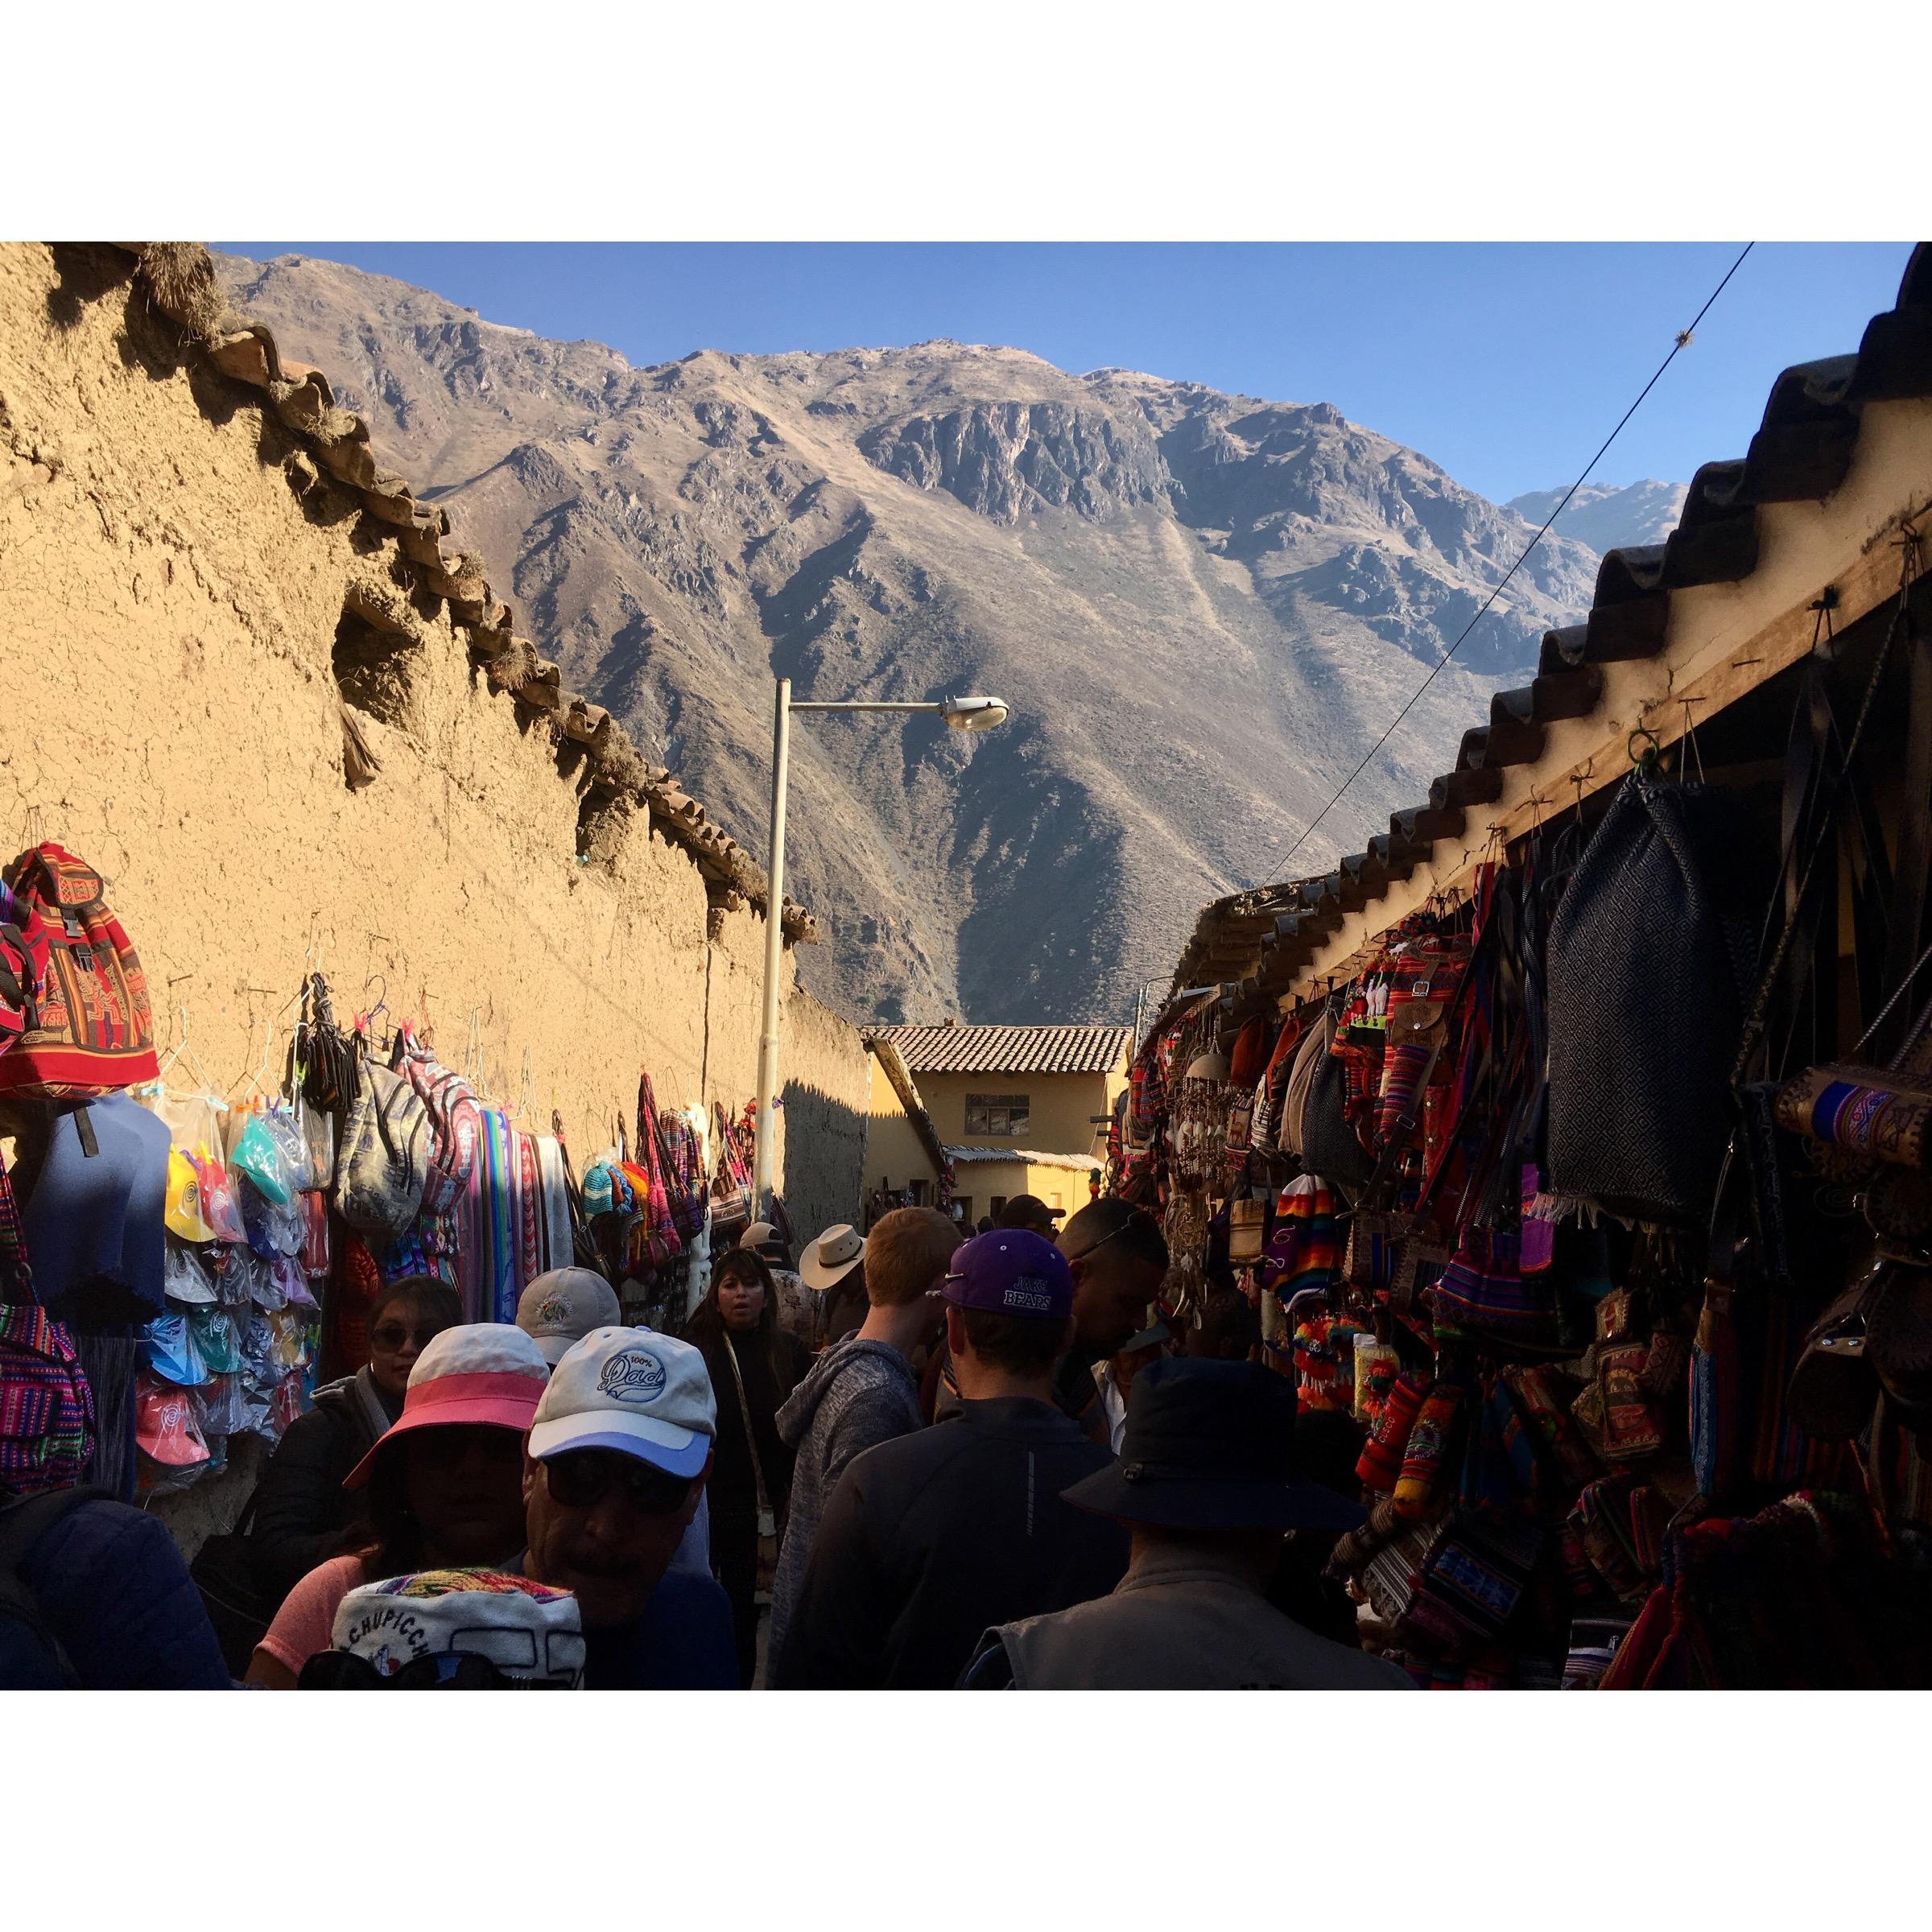 Carson in Peru